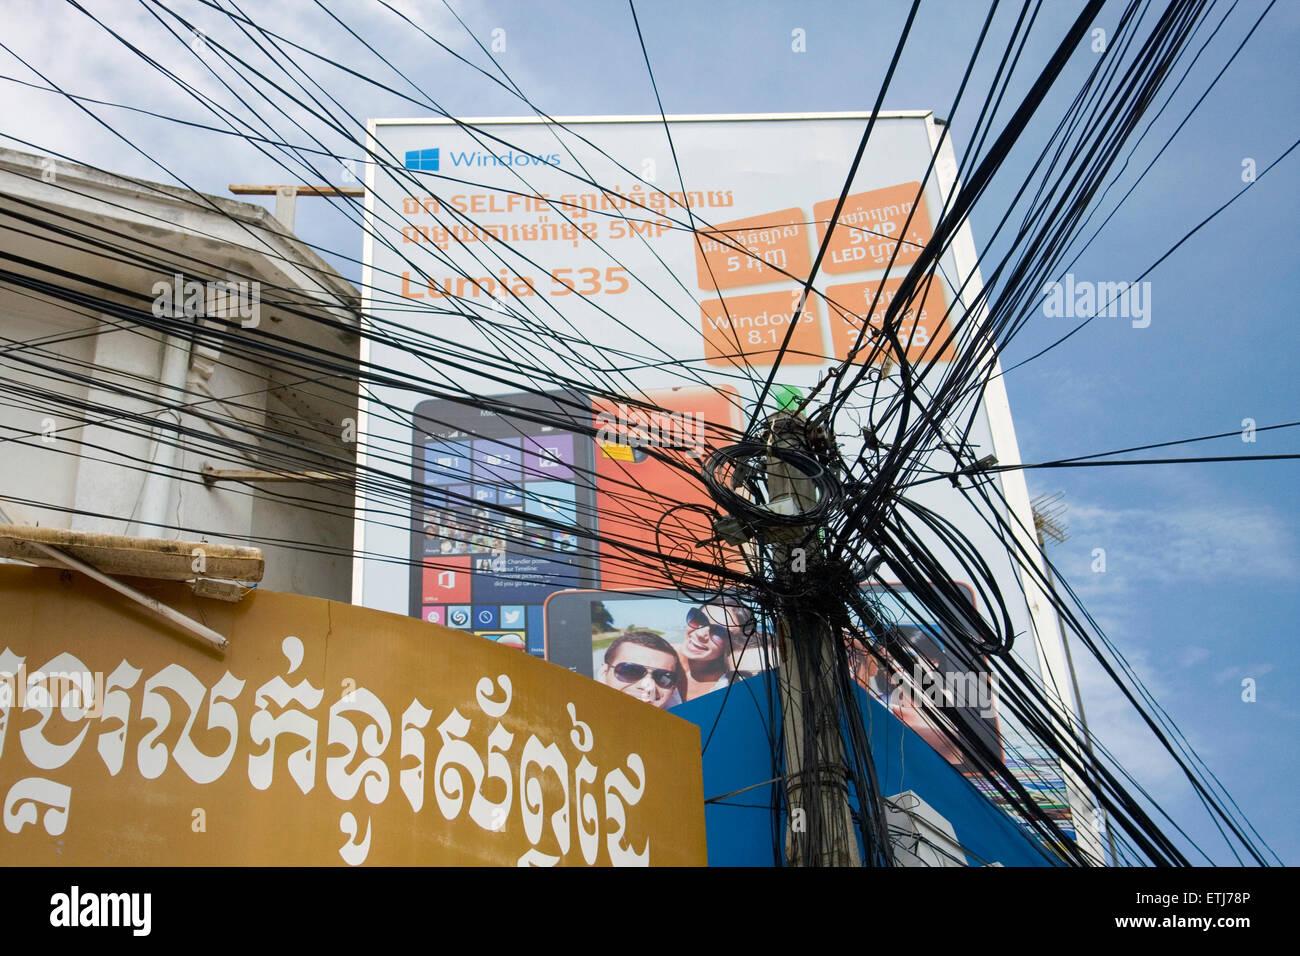 windows phone zeichen